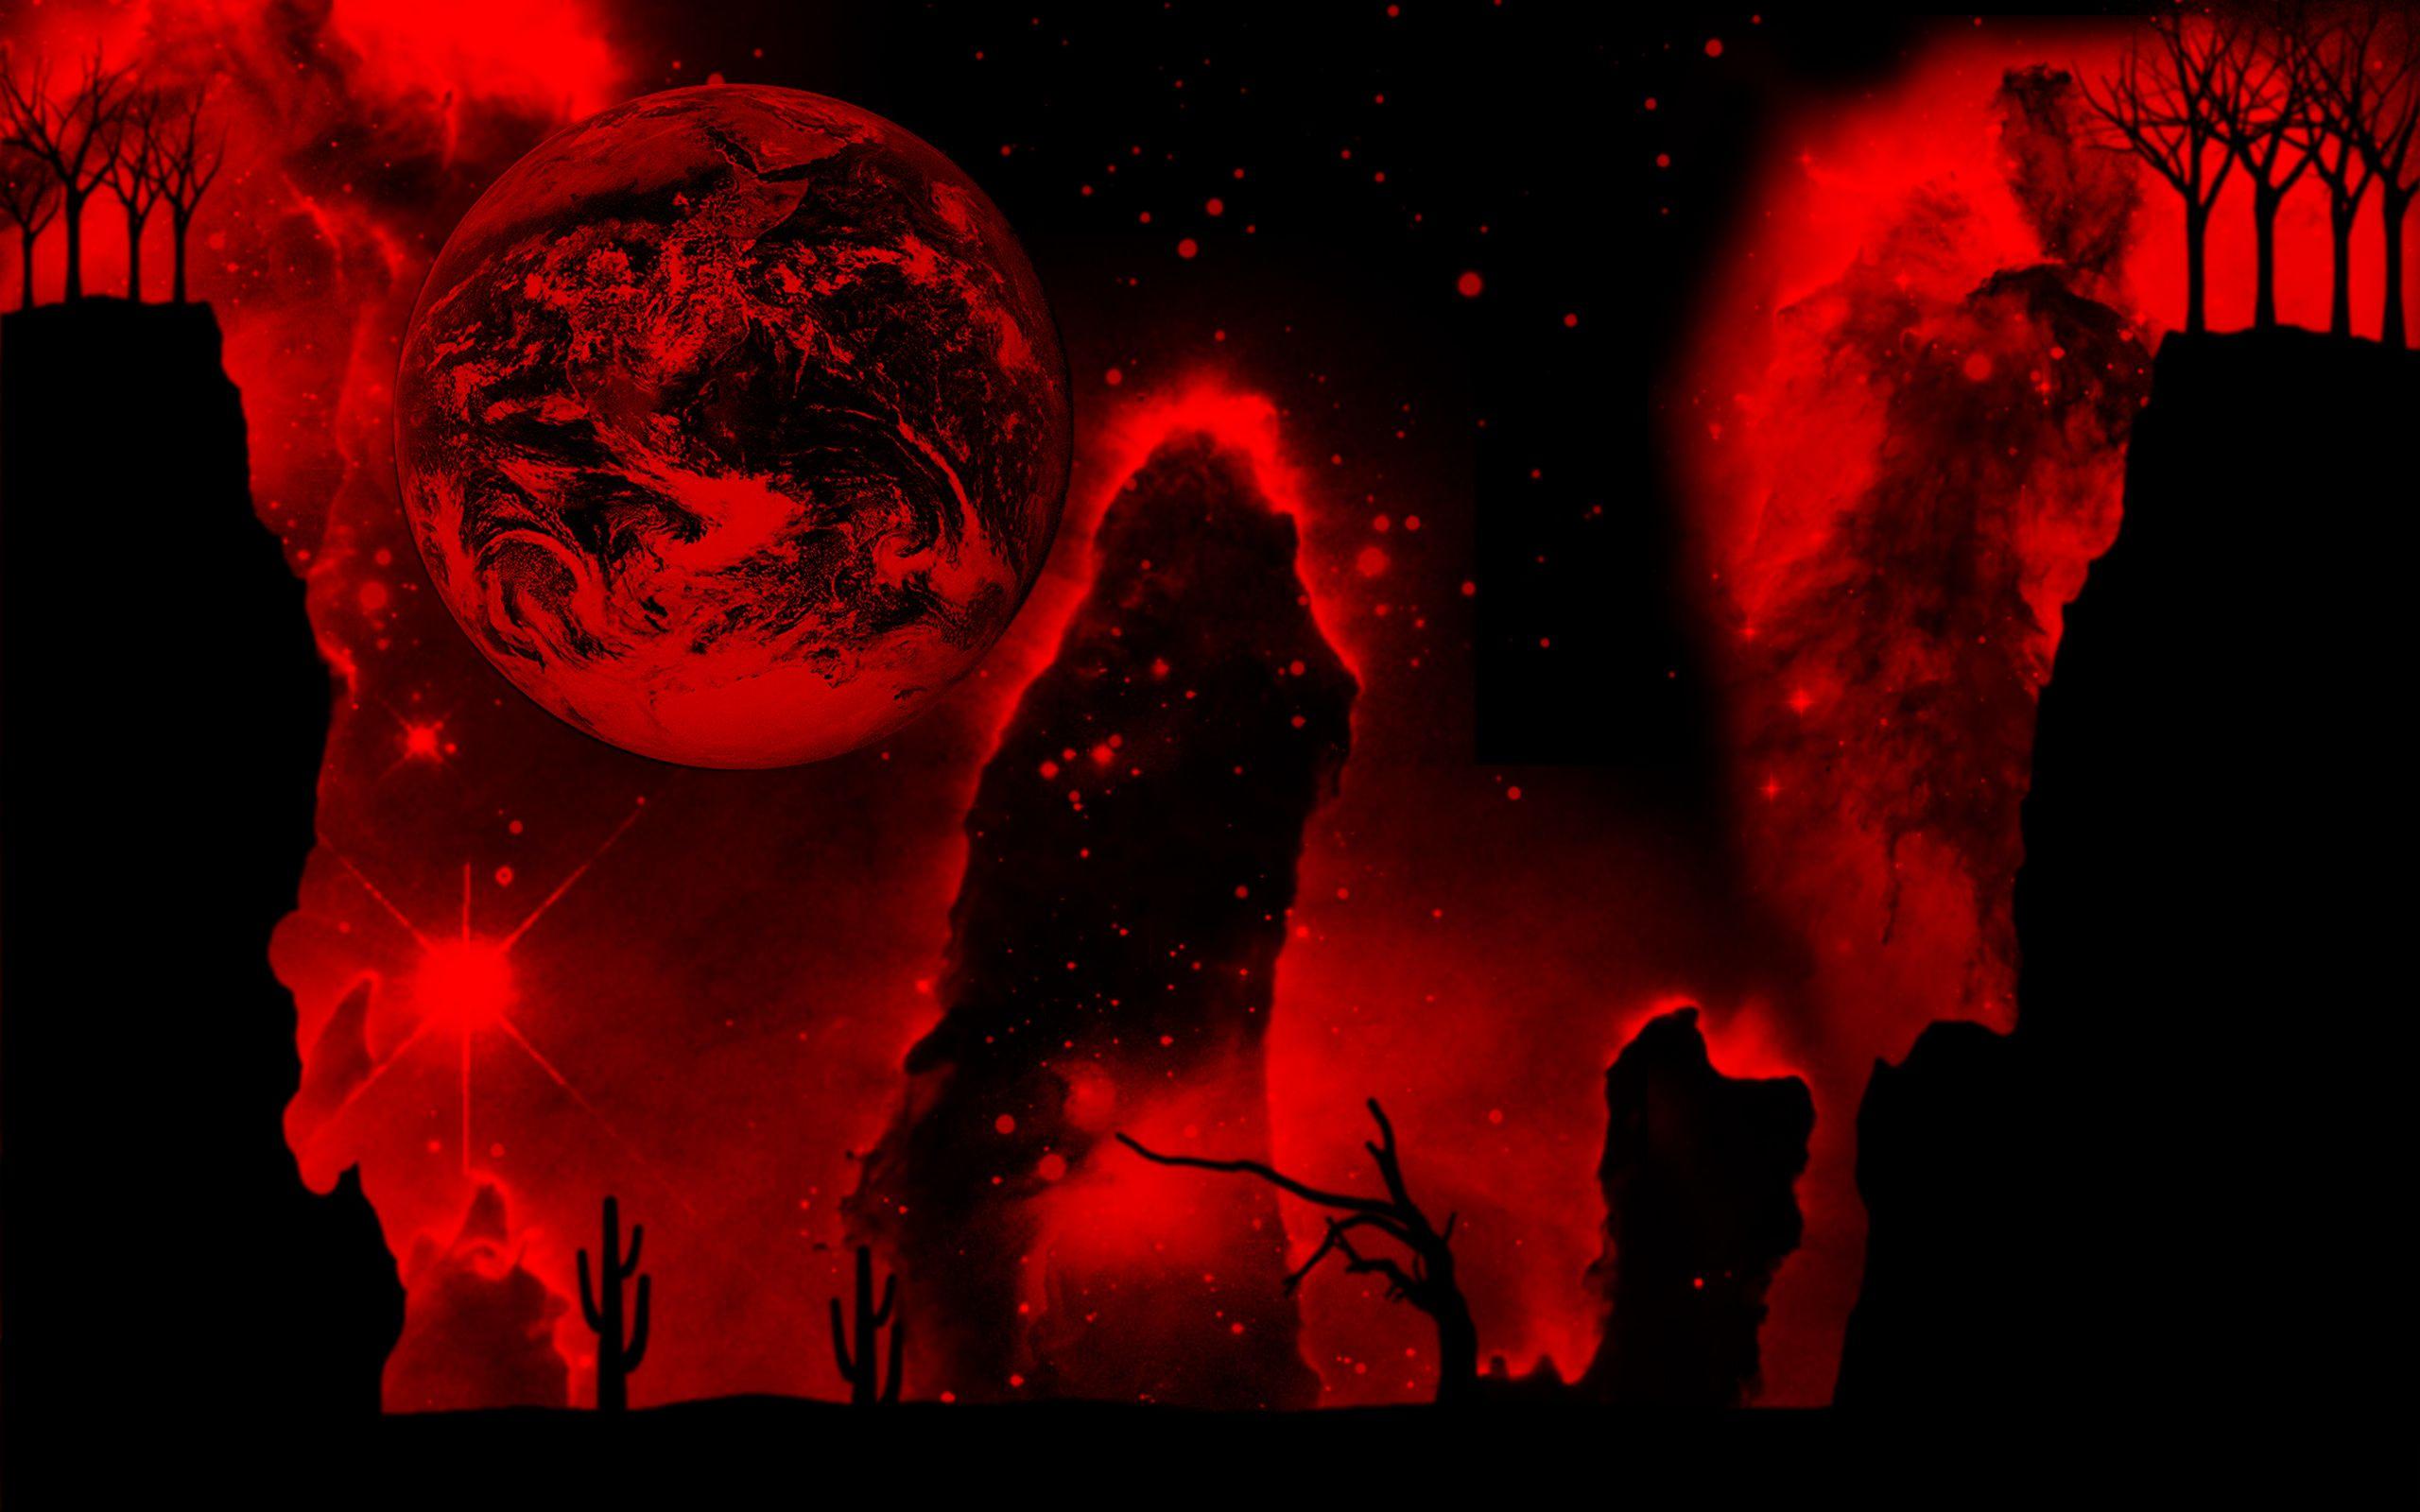 темные картинки кровавые